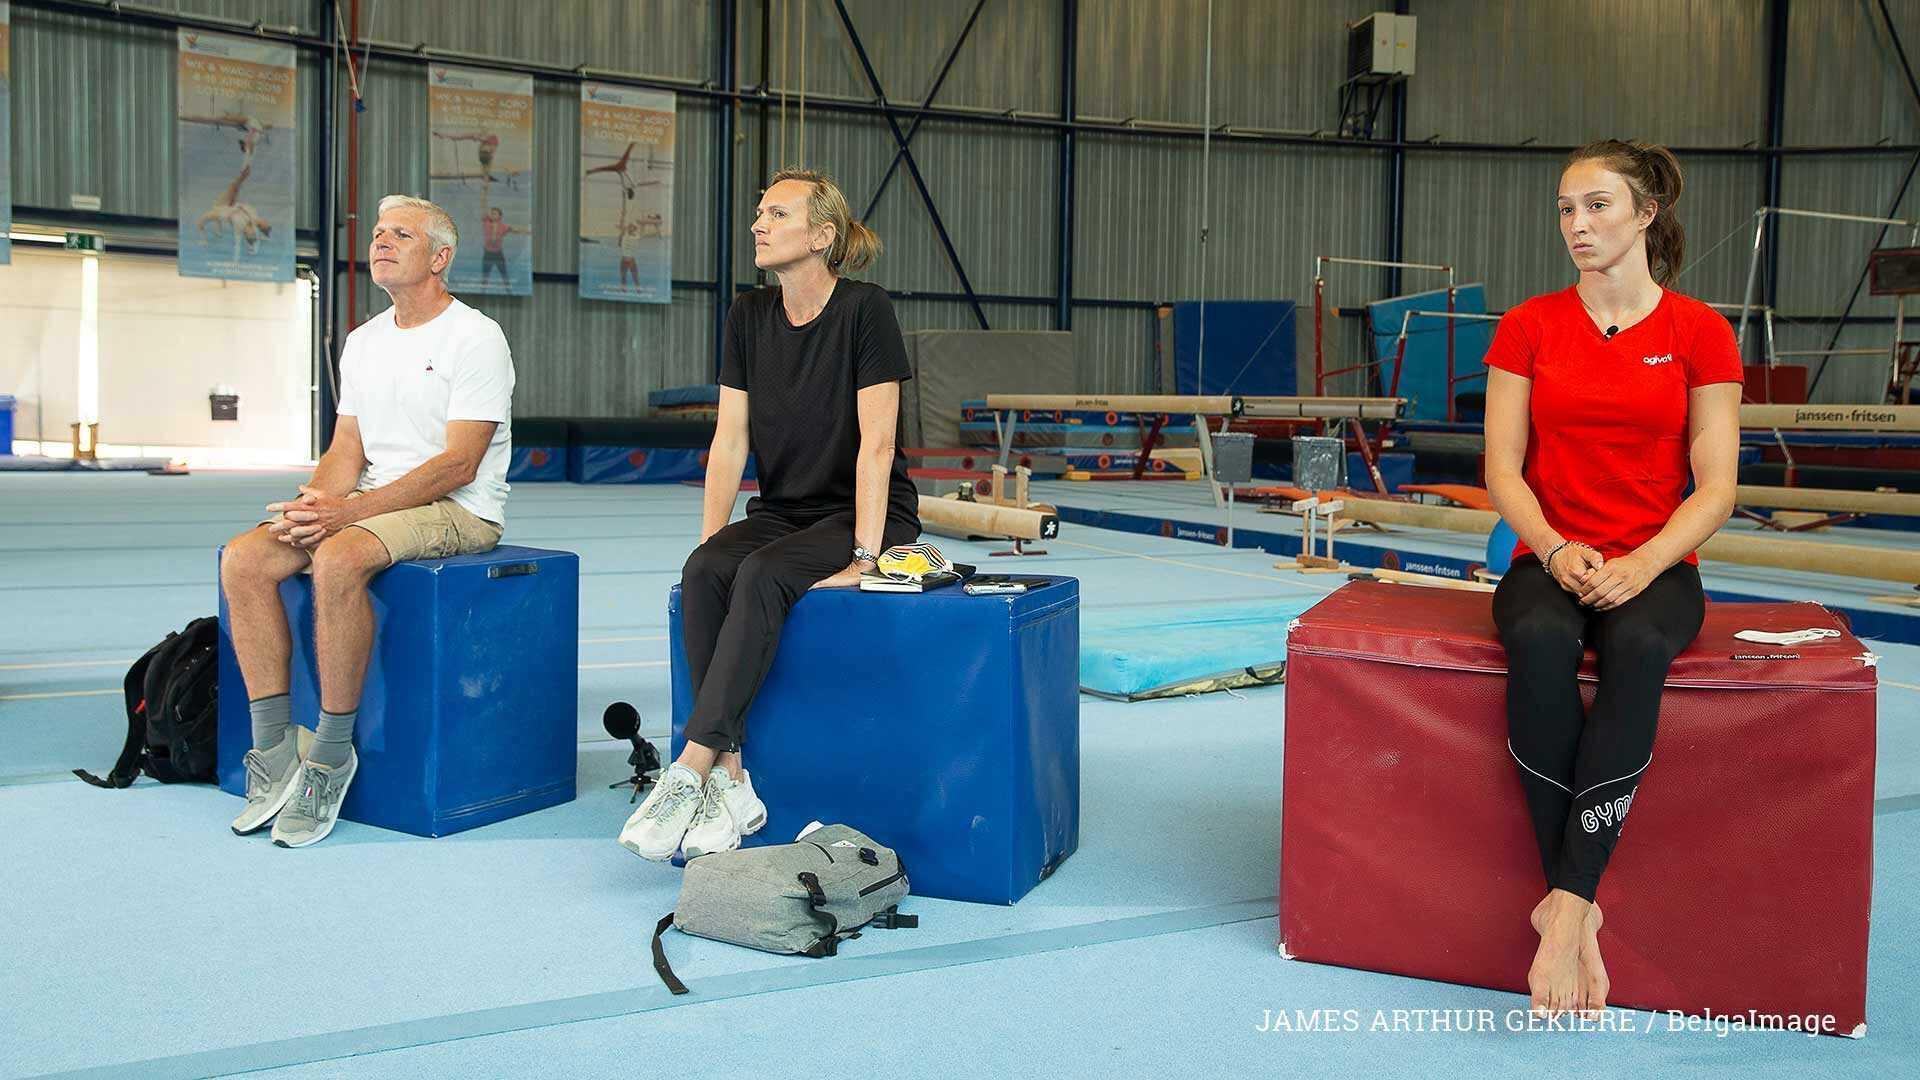 Misbruik in Gentse topsportschool